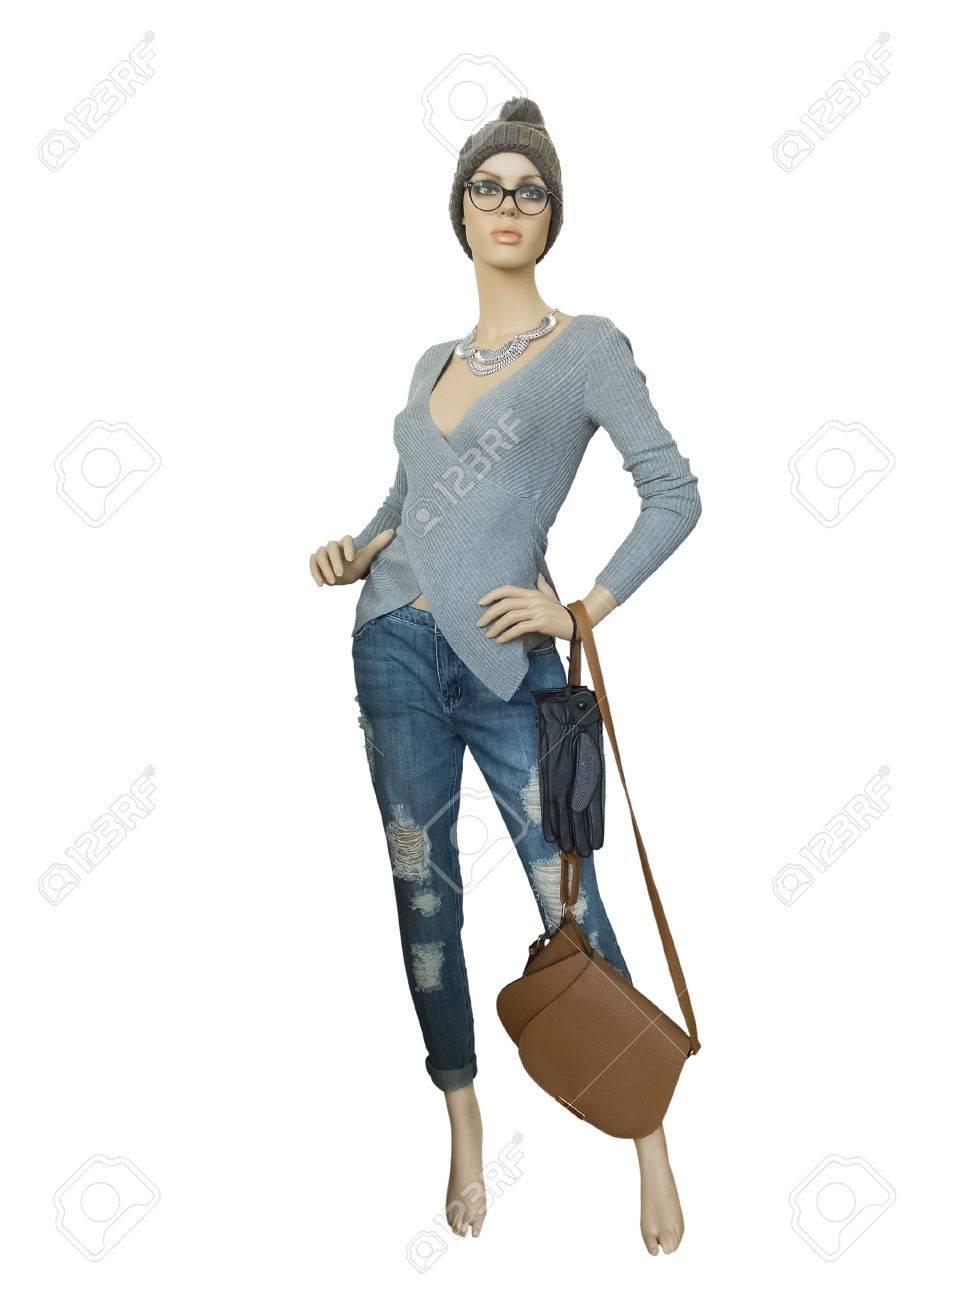 Pantalones Maniquí De Y Larga Chaqueta Mujer Duración Vistiendo 0nAZTqHw